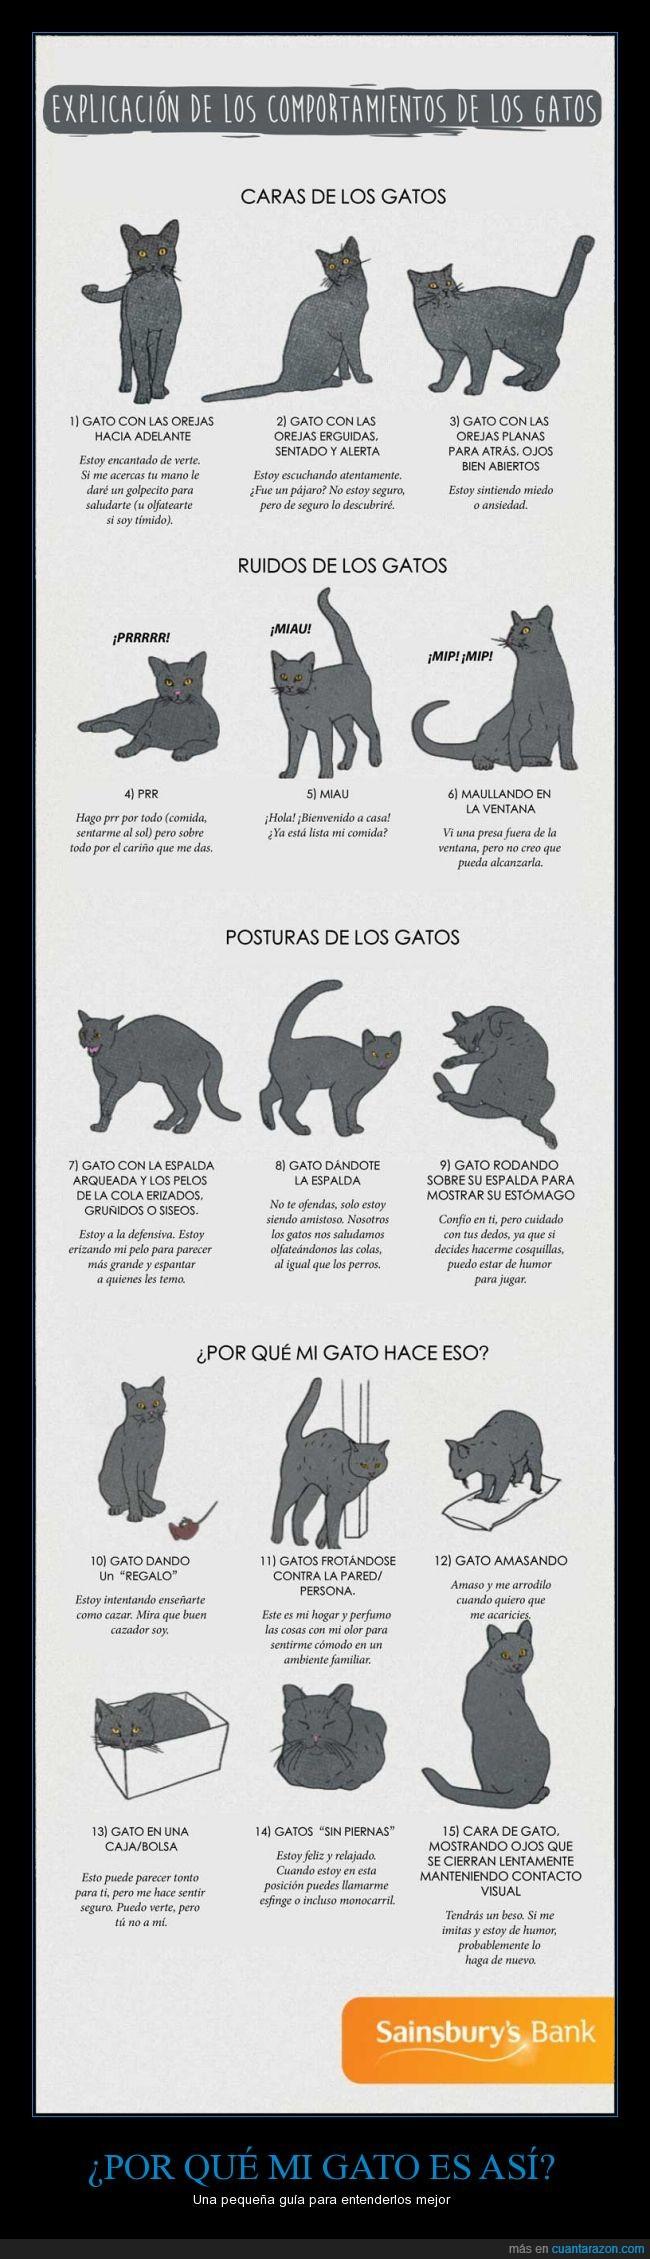 amasar,comportamientos,datos,explicación,gatos,guia,mirar,orejas,posturas,ronronero,ruidos,trucos